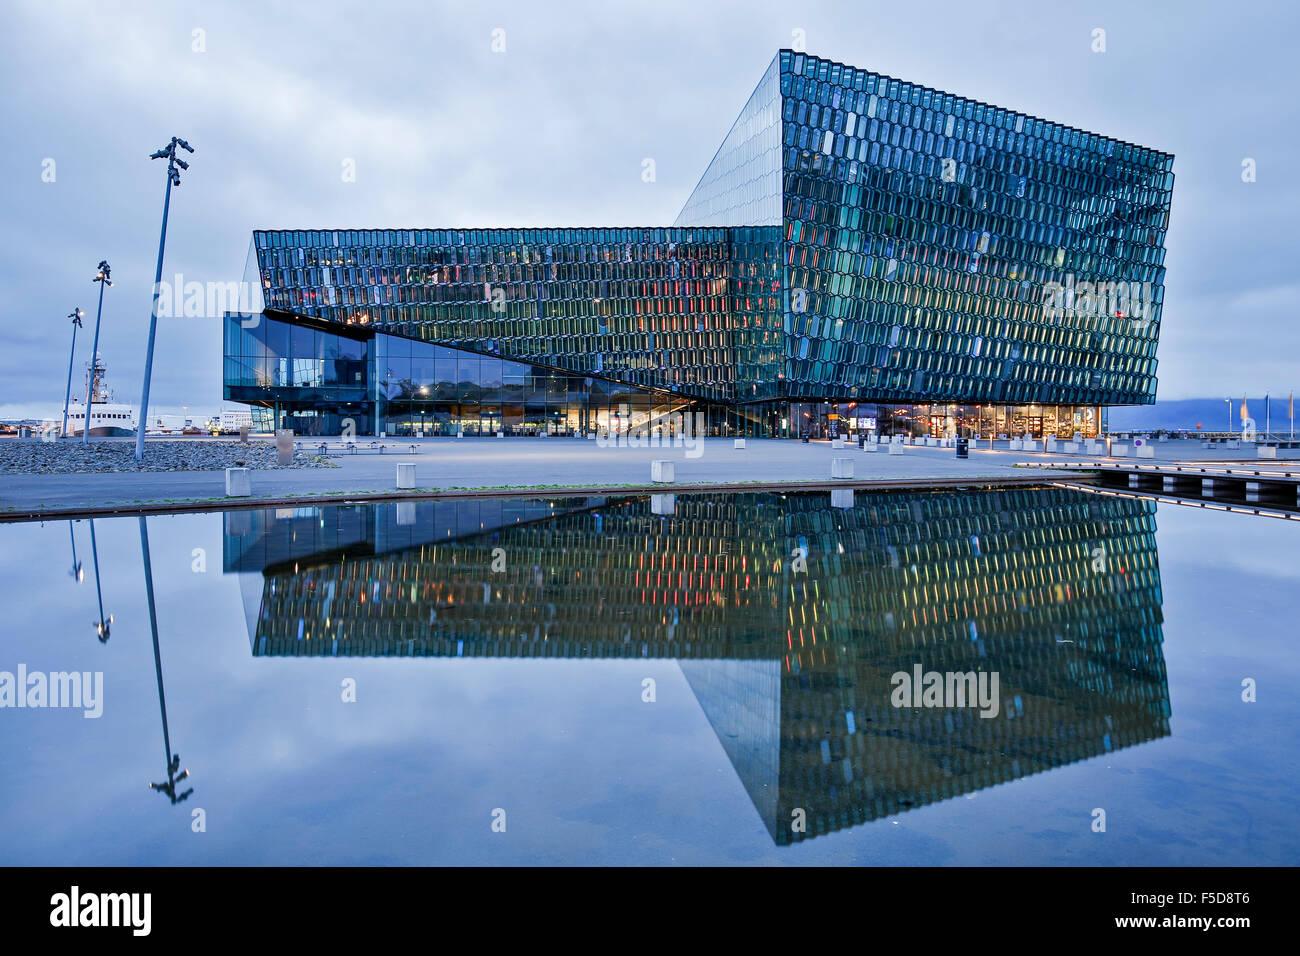 Harpa Concert Hall and Conference Center, Reykjavik, Iceland - Stock Image